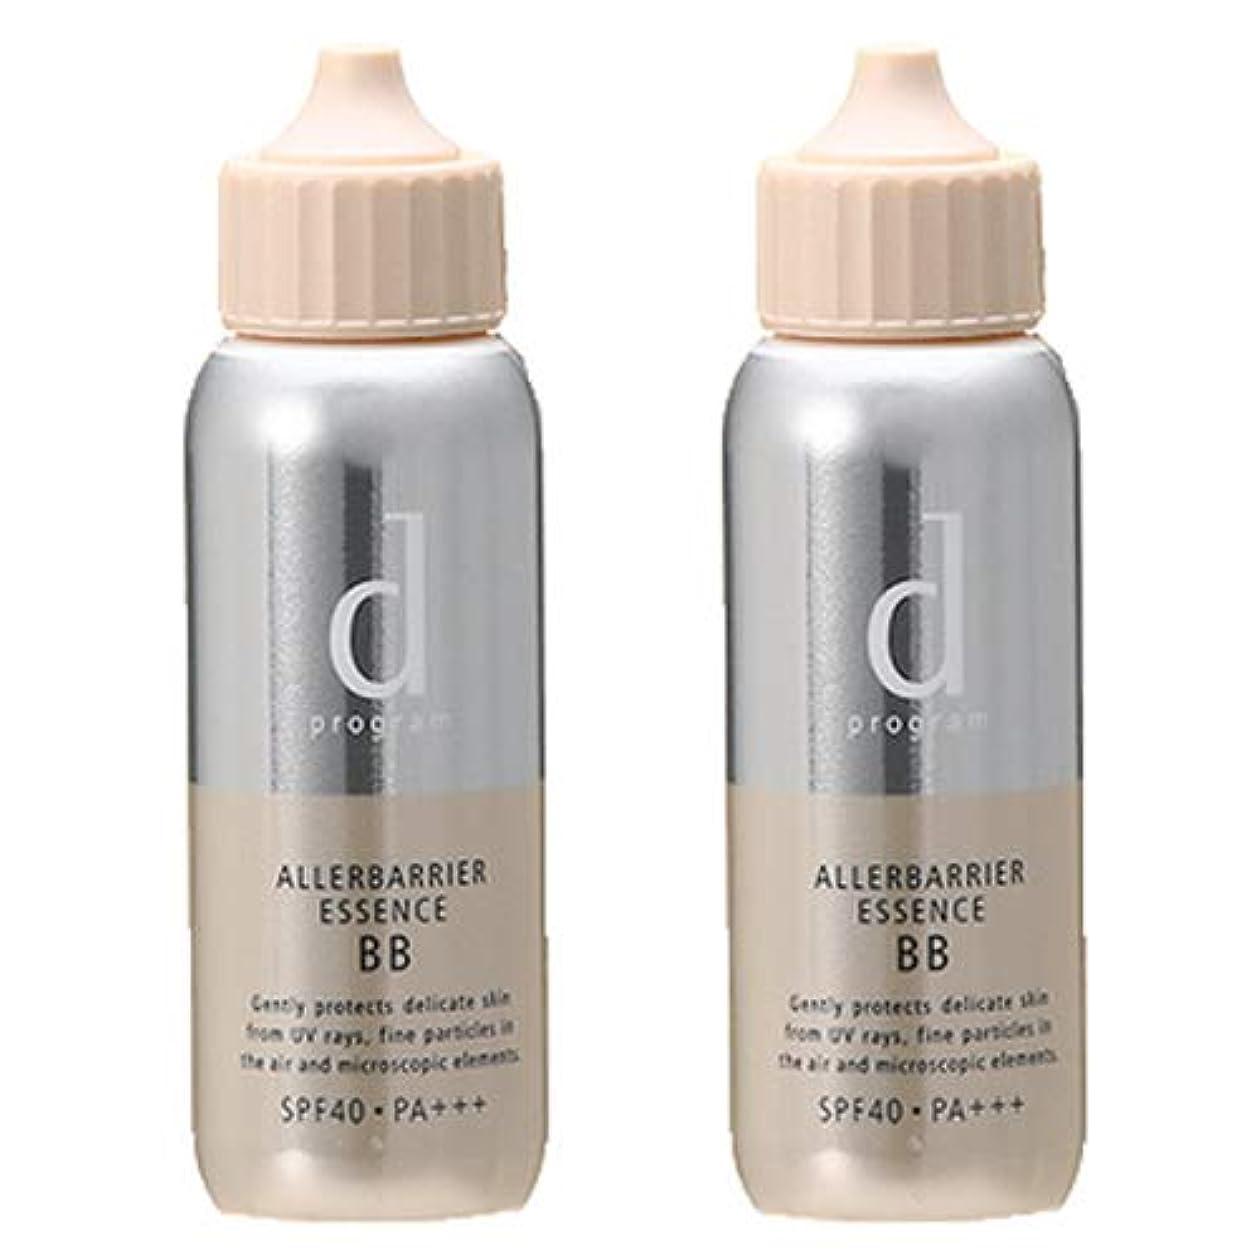 ラダラッチ酸dプログラム アレルバリア エッセンス BB SPF40 40ml ナチュラル  2個セット